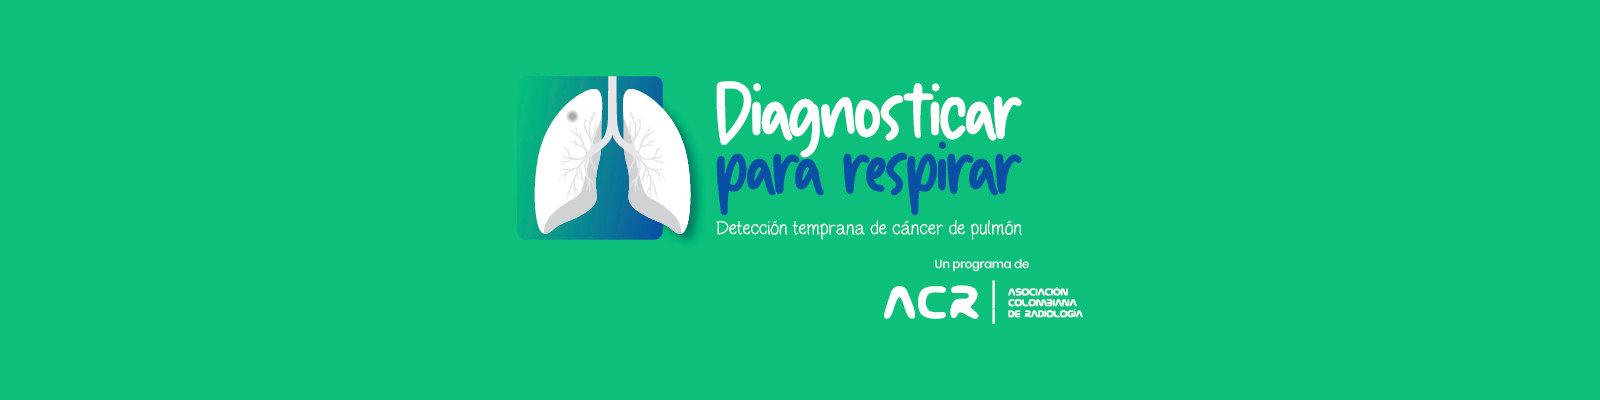 Banner cancer de pulmon.jpg